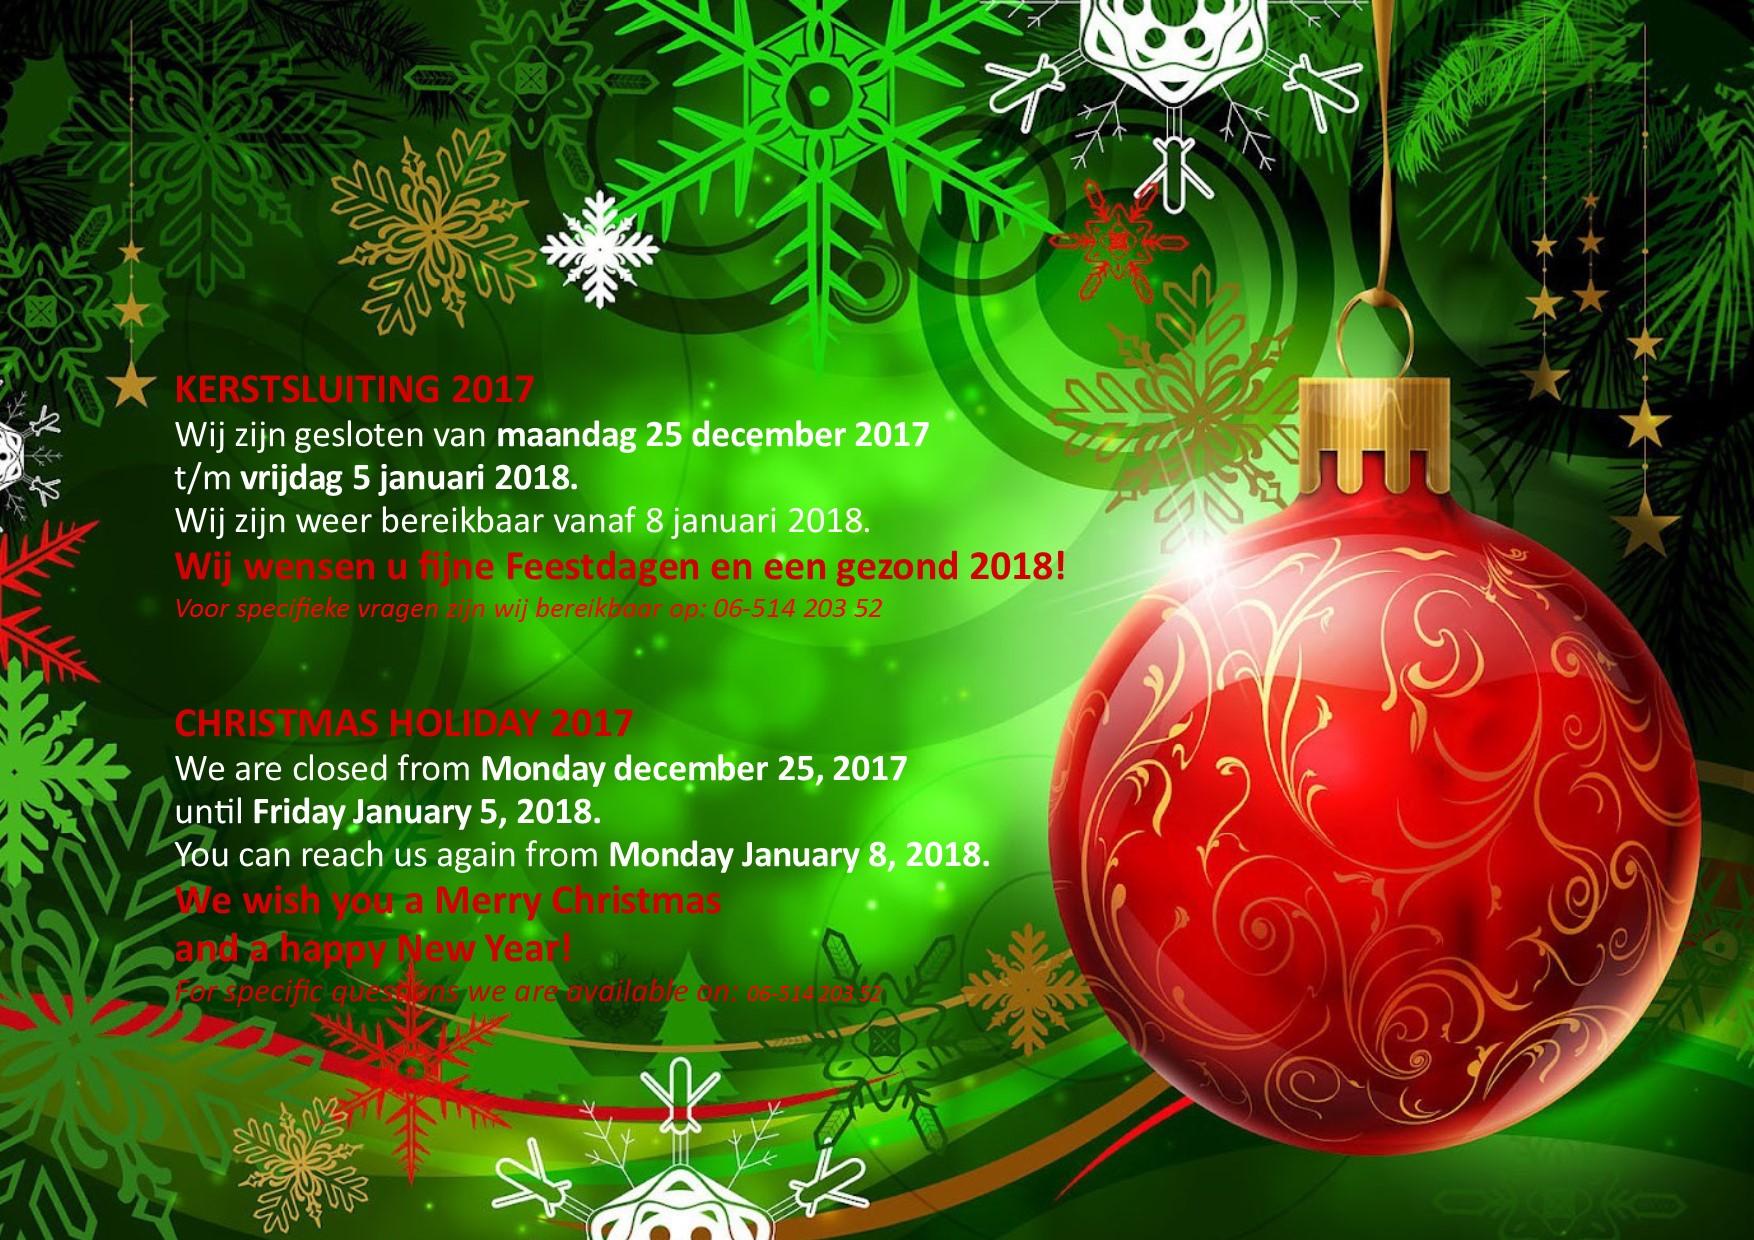 kennis vragen kerst